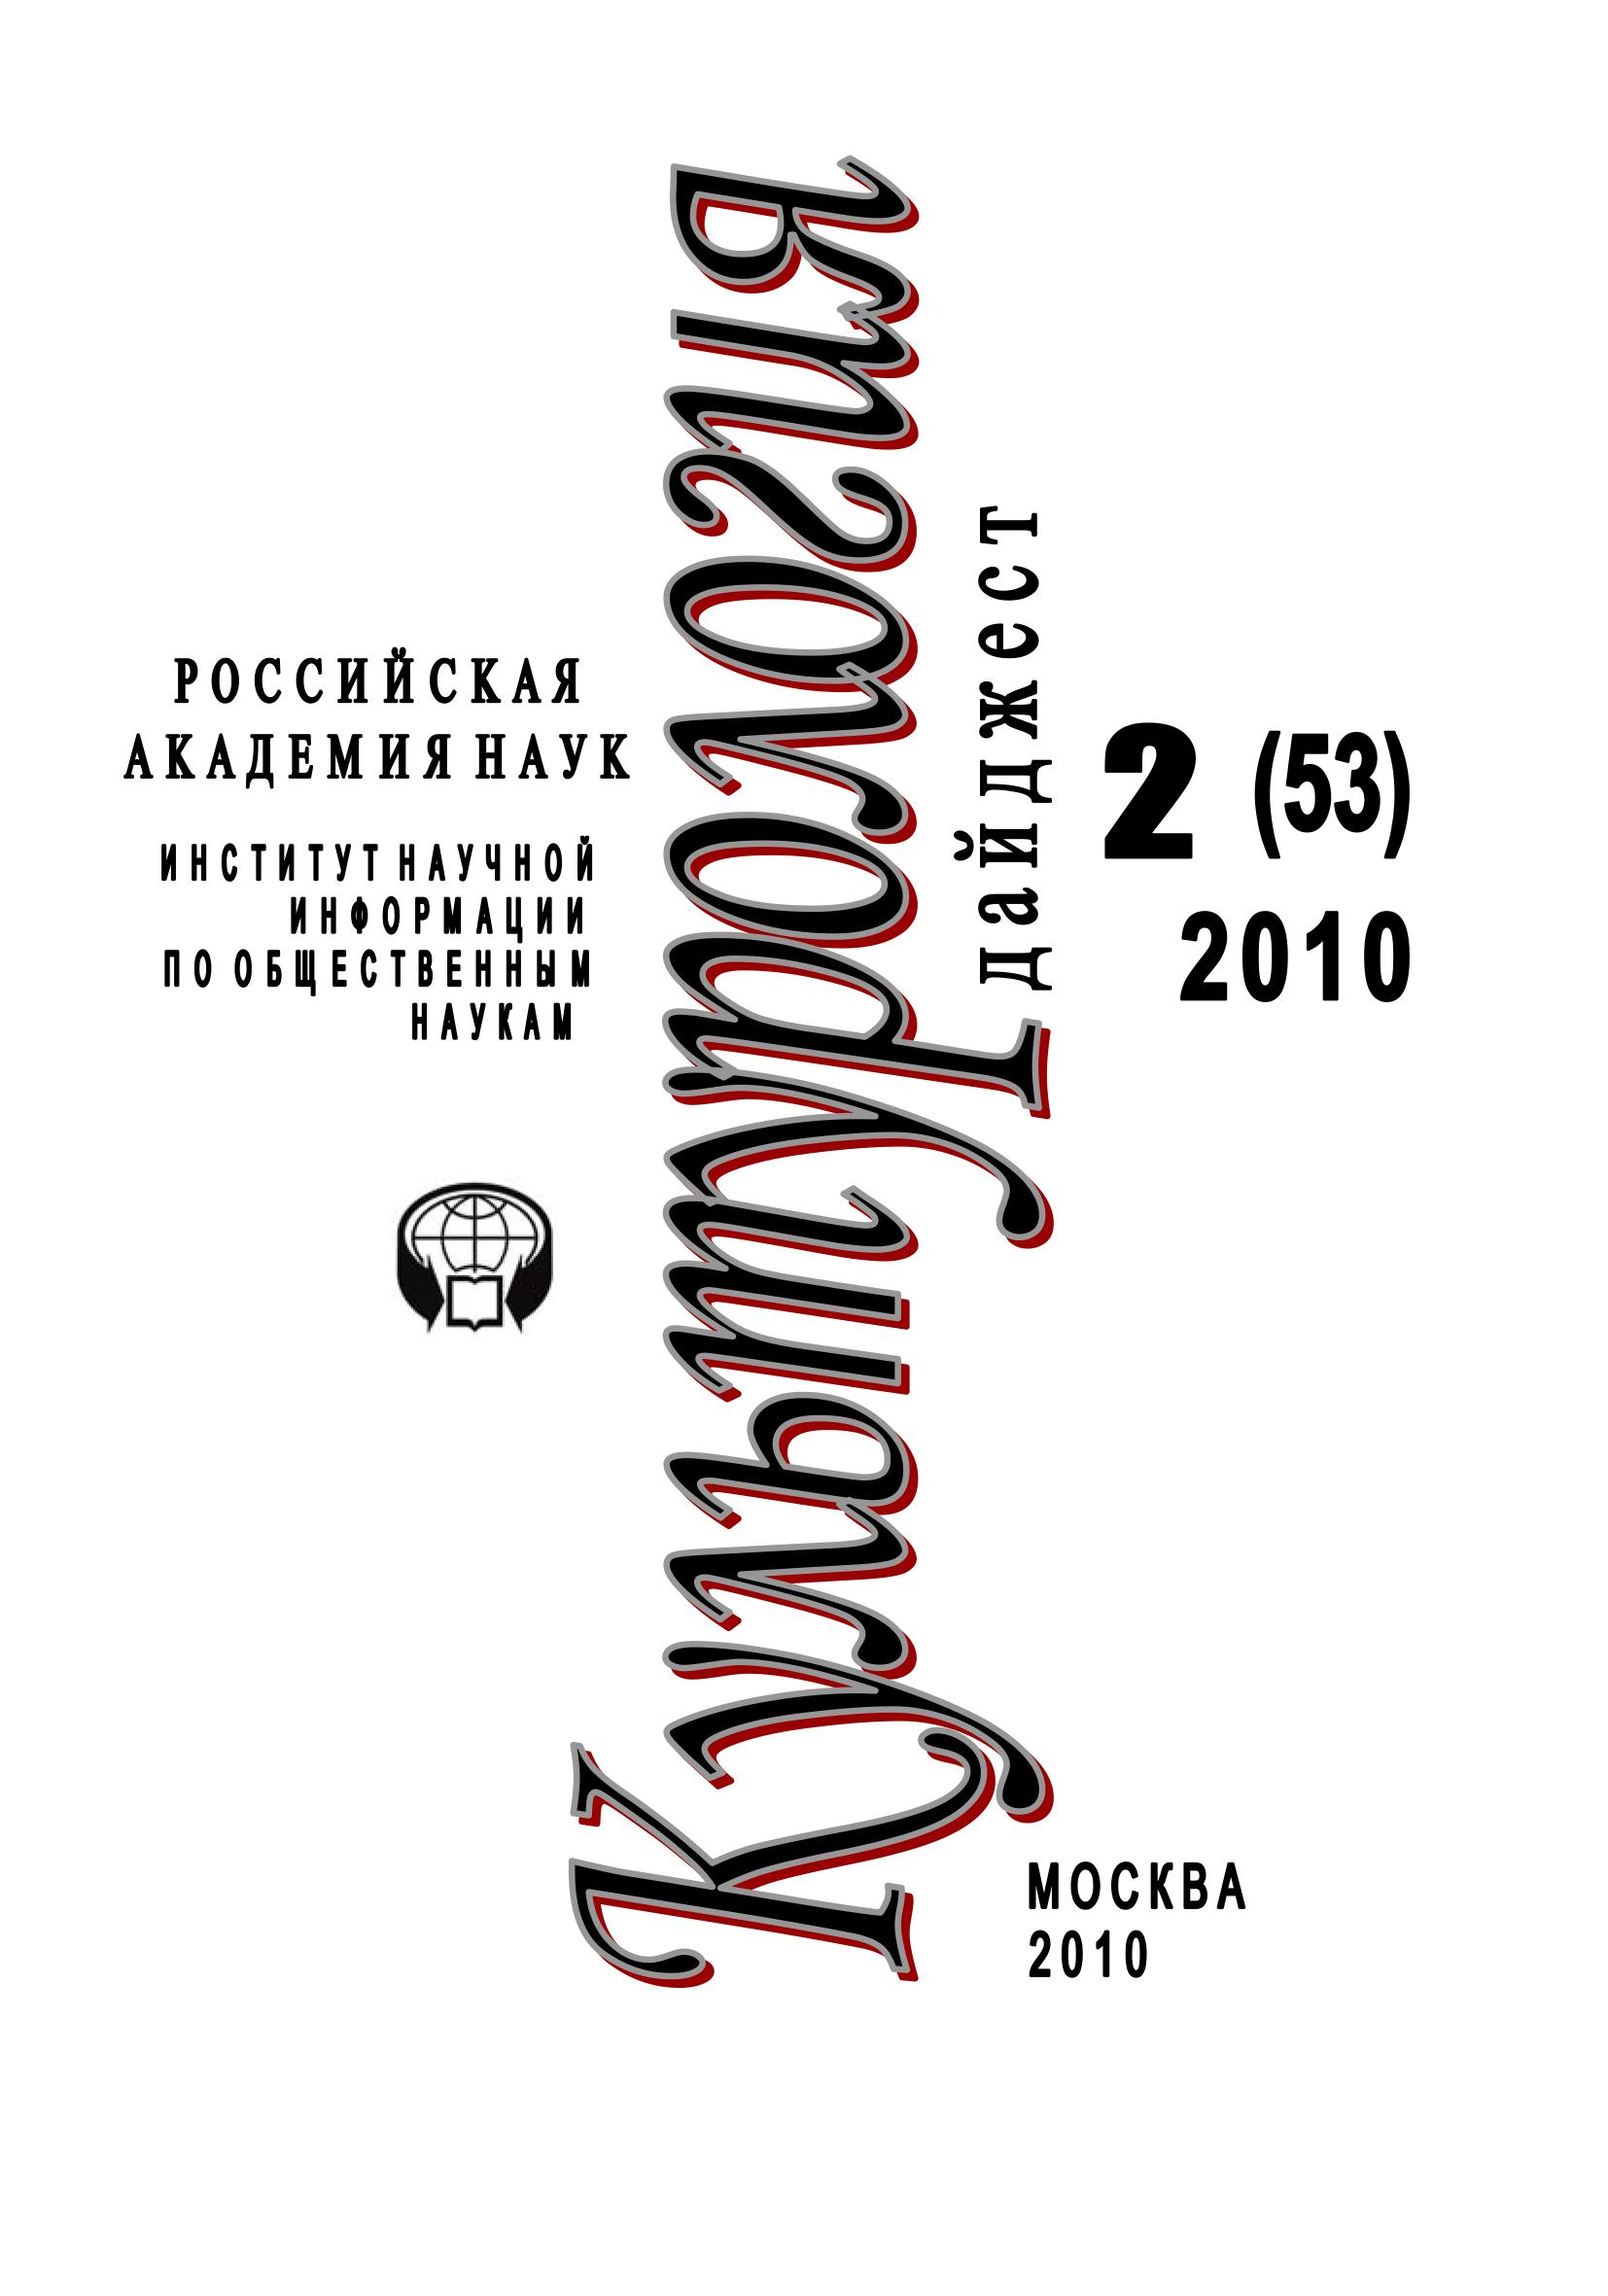 цены на Ирина Галинская Культурология: Дайджест №2 / 2010  в интернет-магазинах